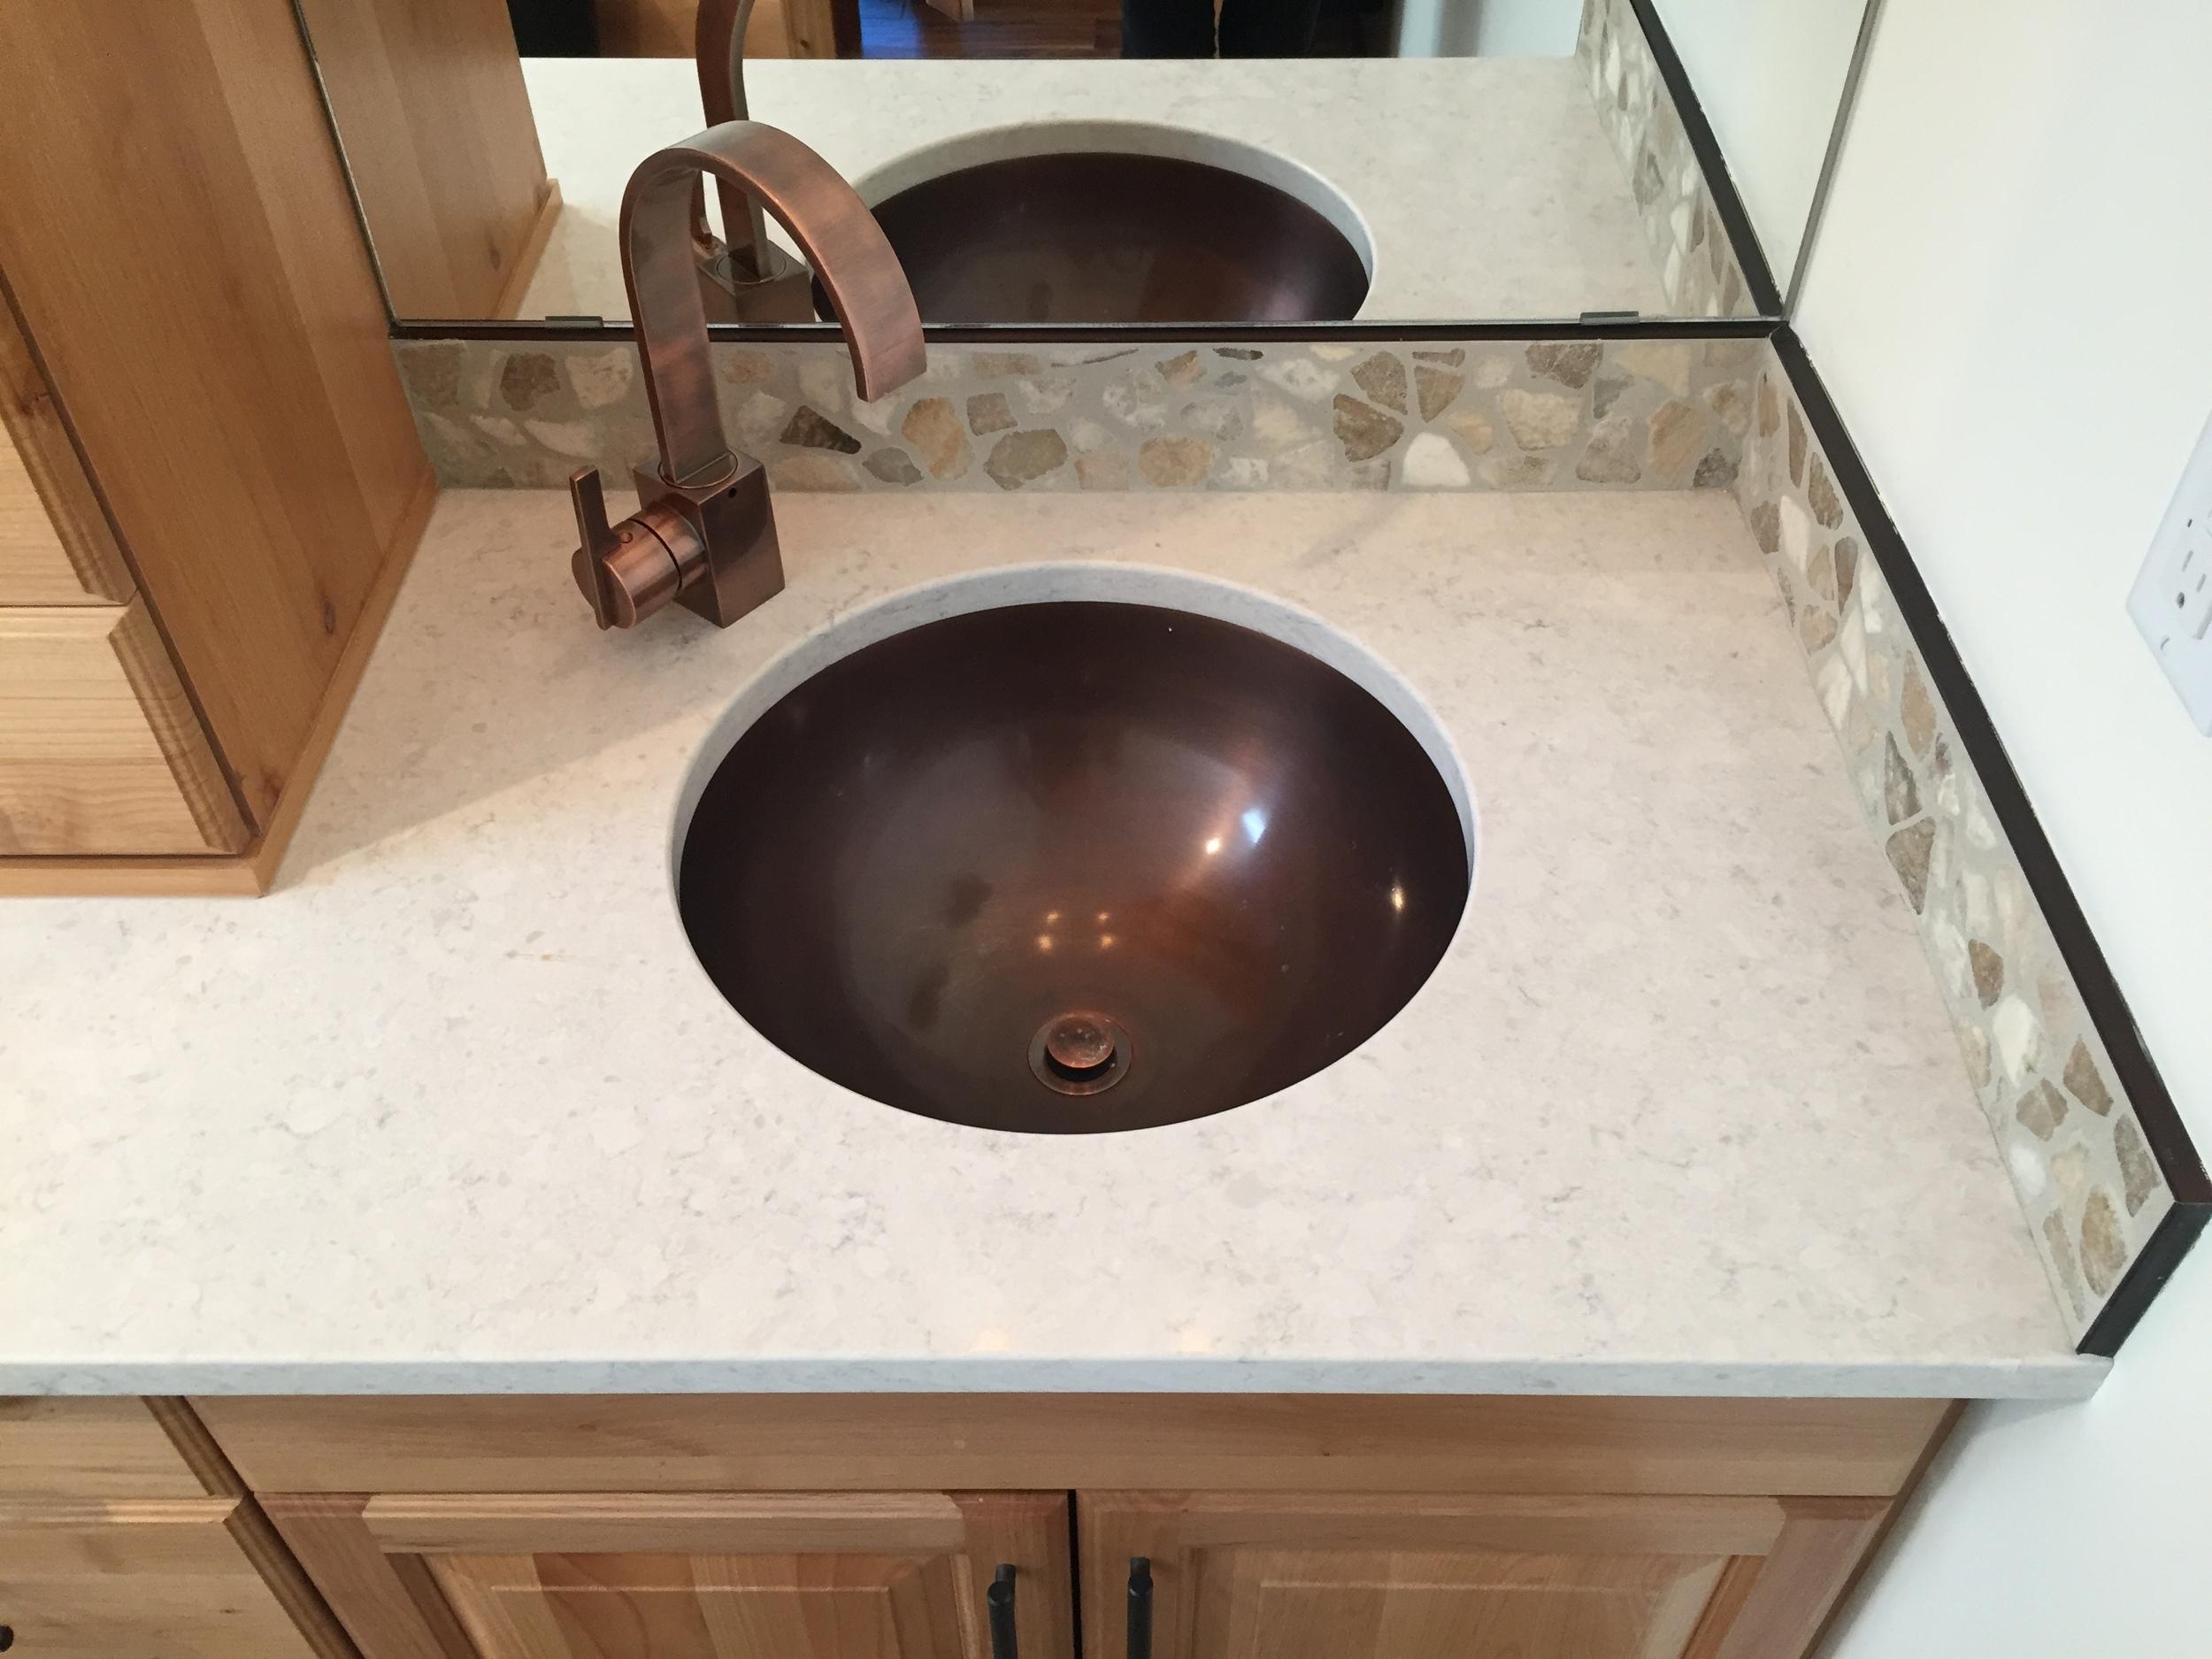 Antique copper sink, pebble backsplash, antique bronze faucet.